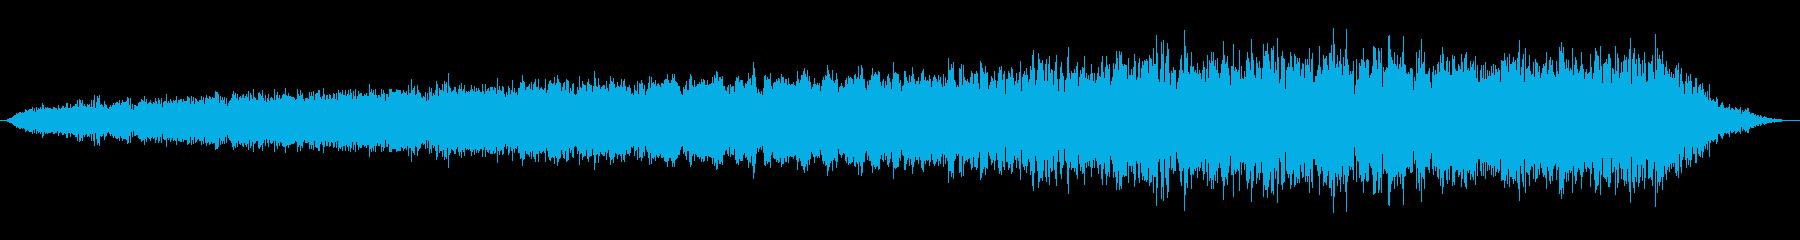 上昇 離調シンセオーケストラ01の再生済みの波形